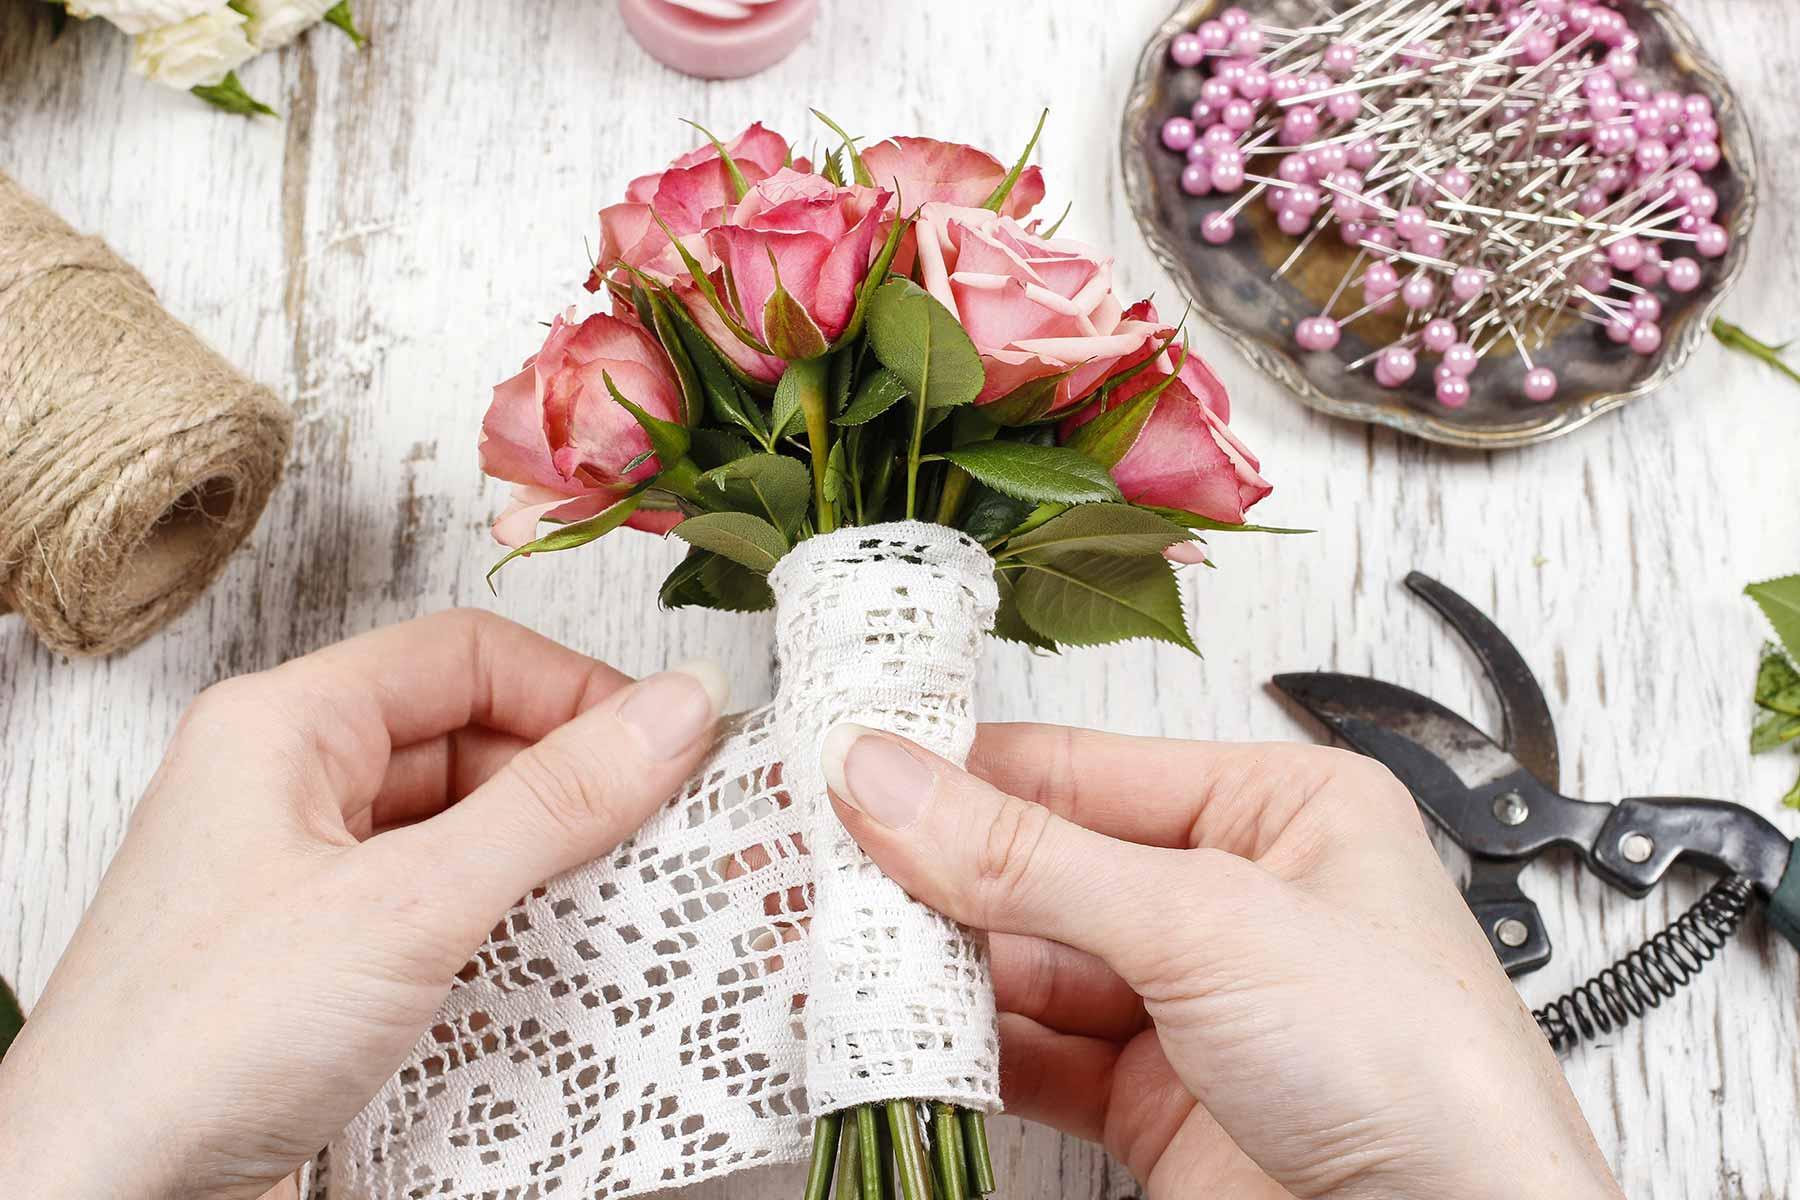 Blumen bei der Hochzeit mit Spitzenband umwickelt